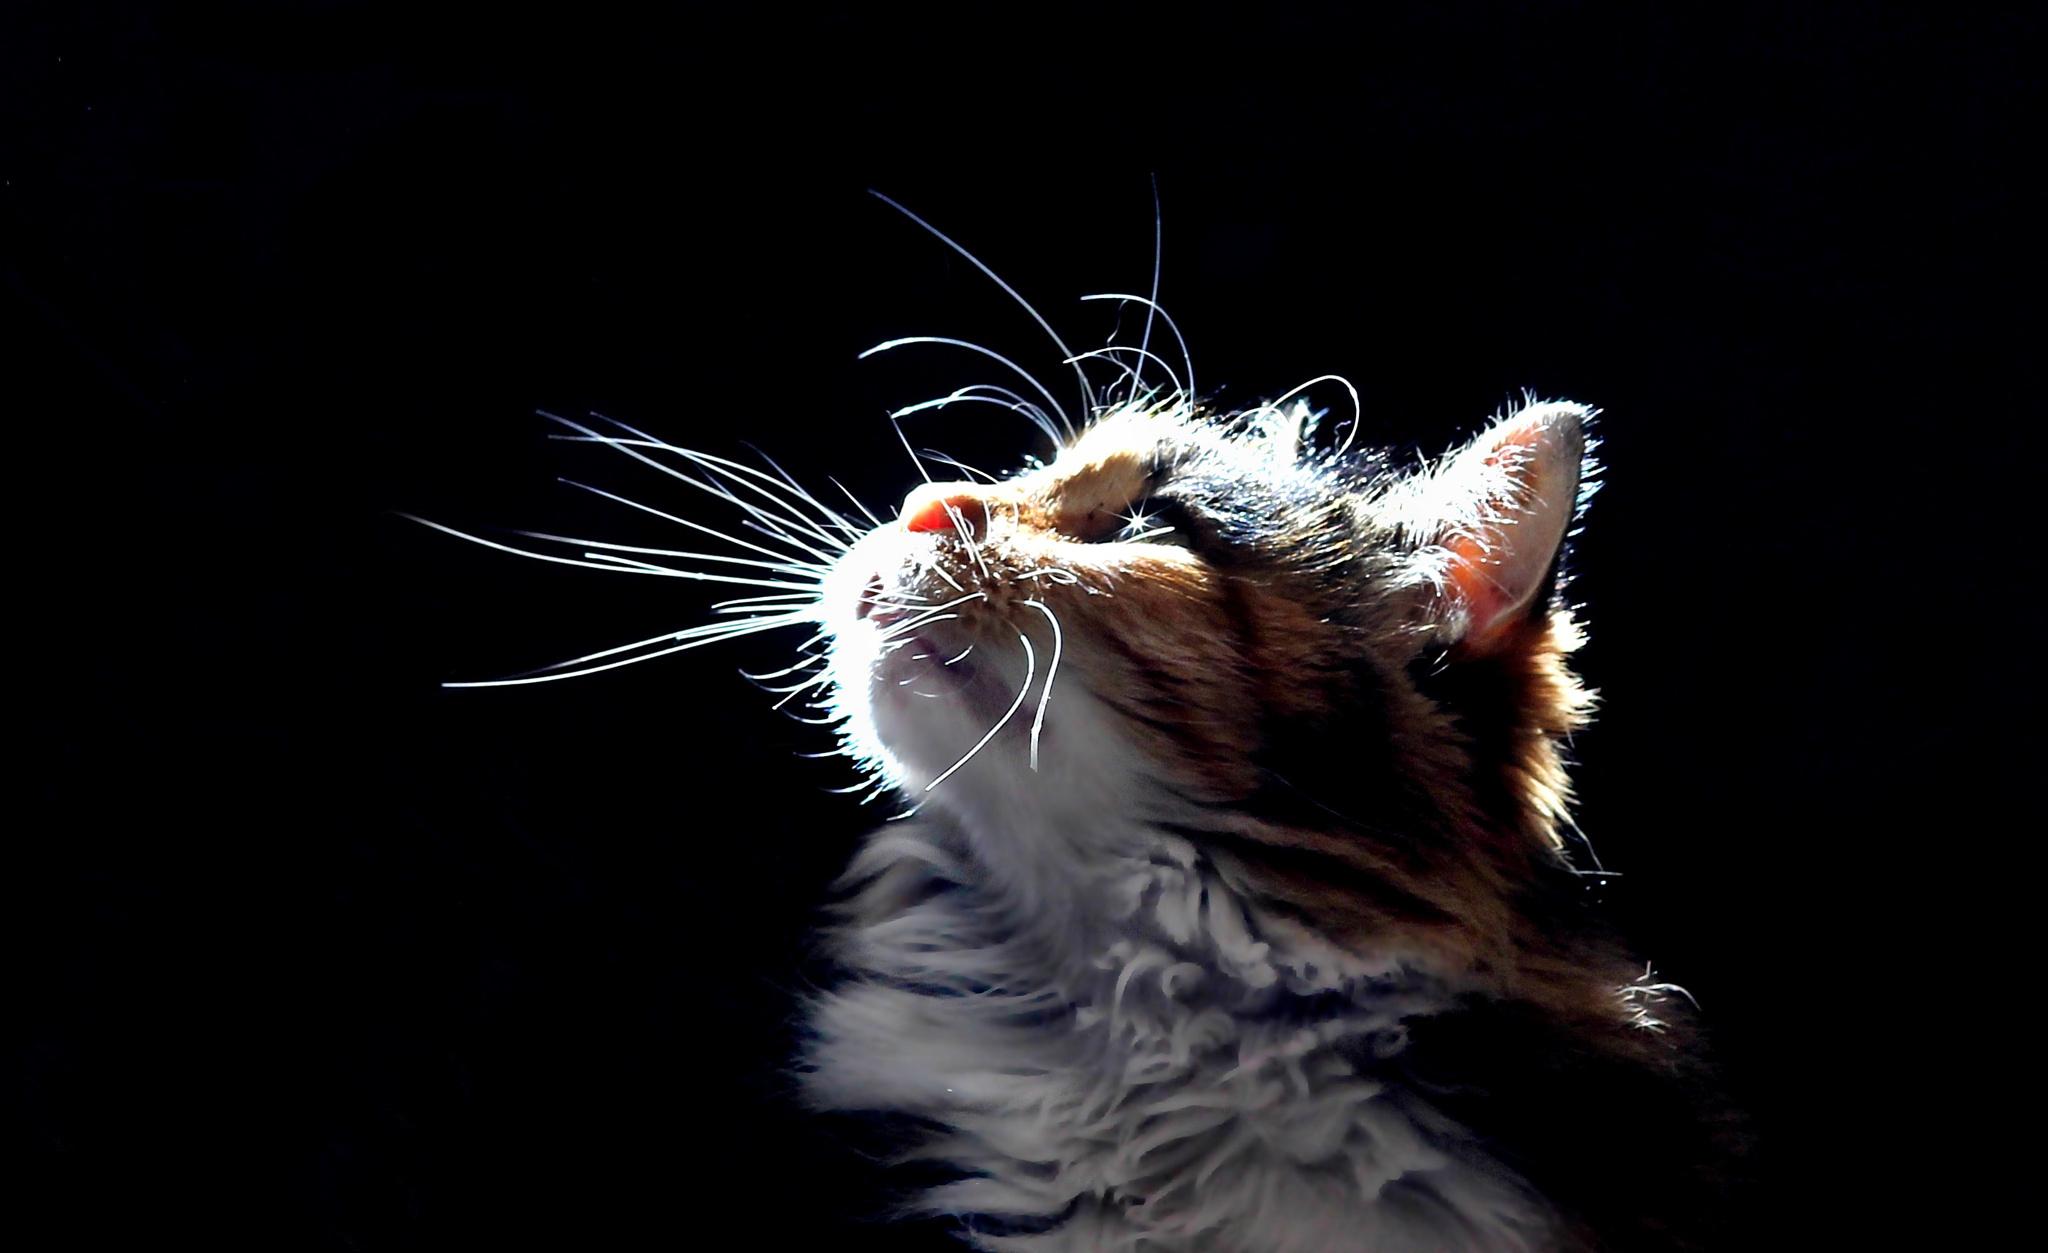 данная картинки котят которые смотрят вверх они визуально